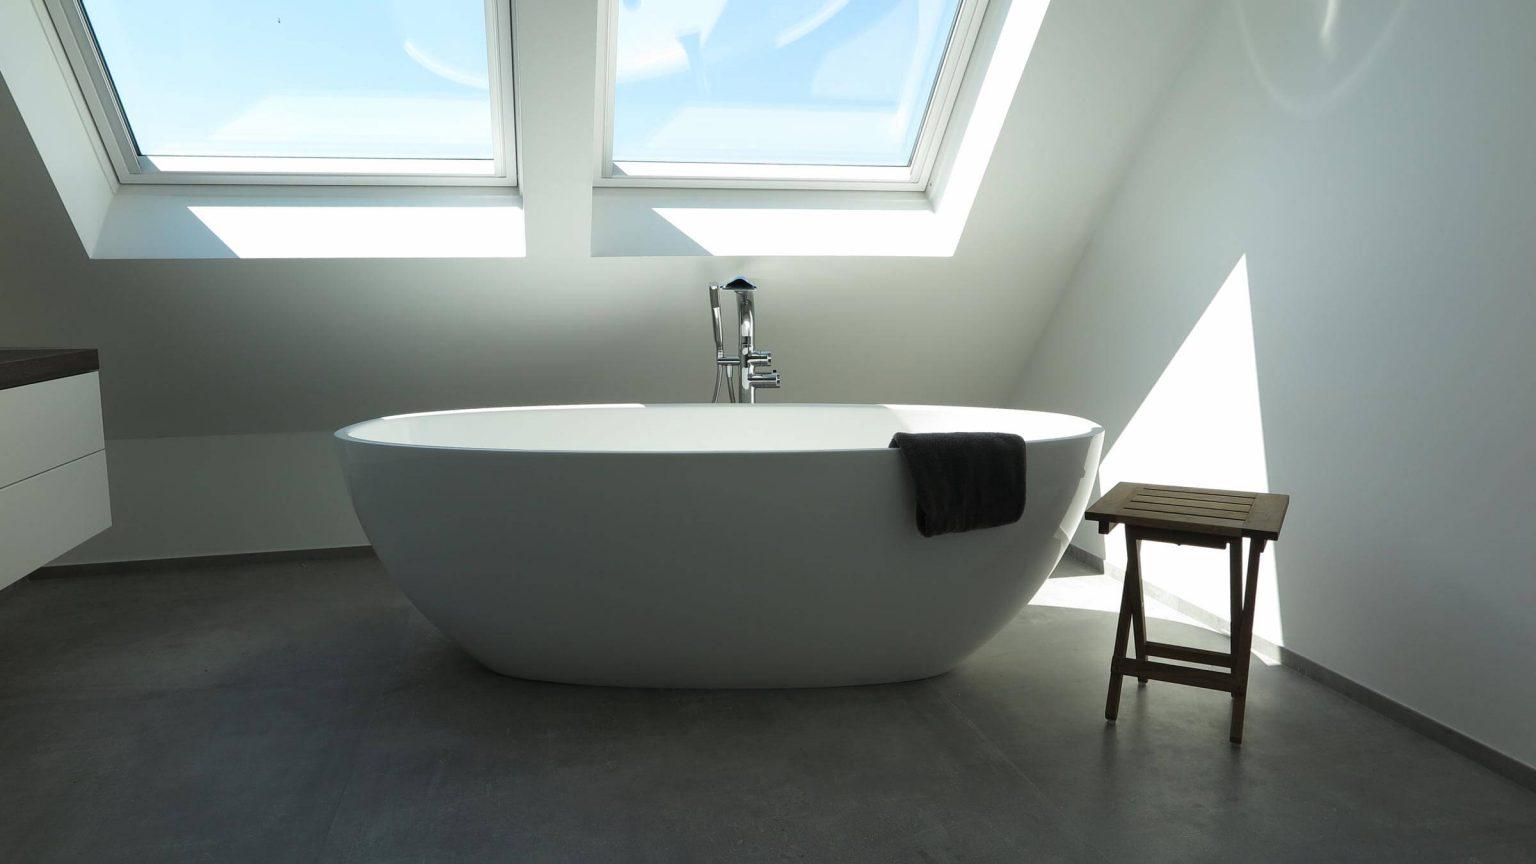 Architekt Koeln Wohnungsbau Badewanne